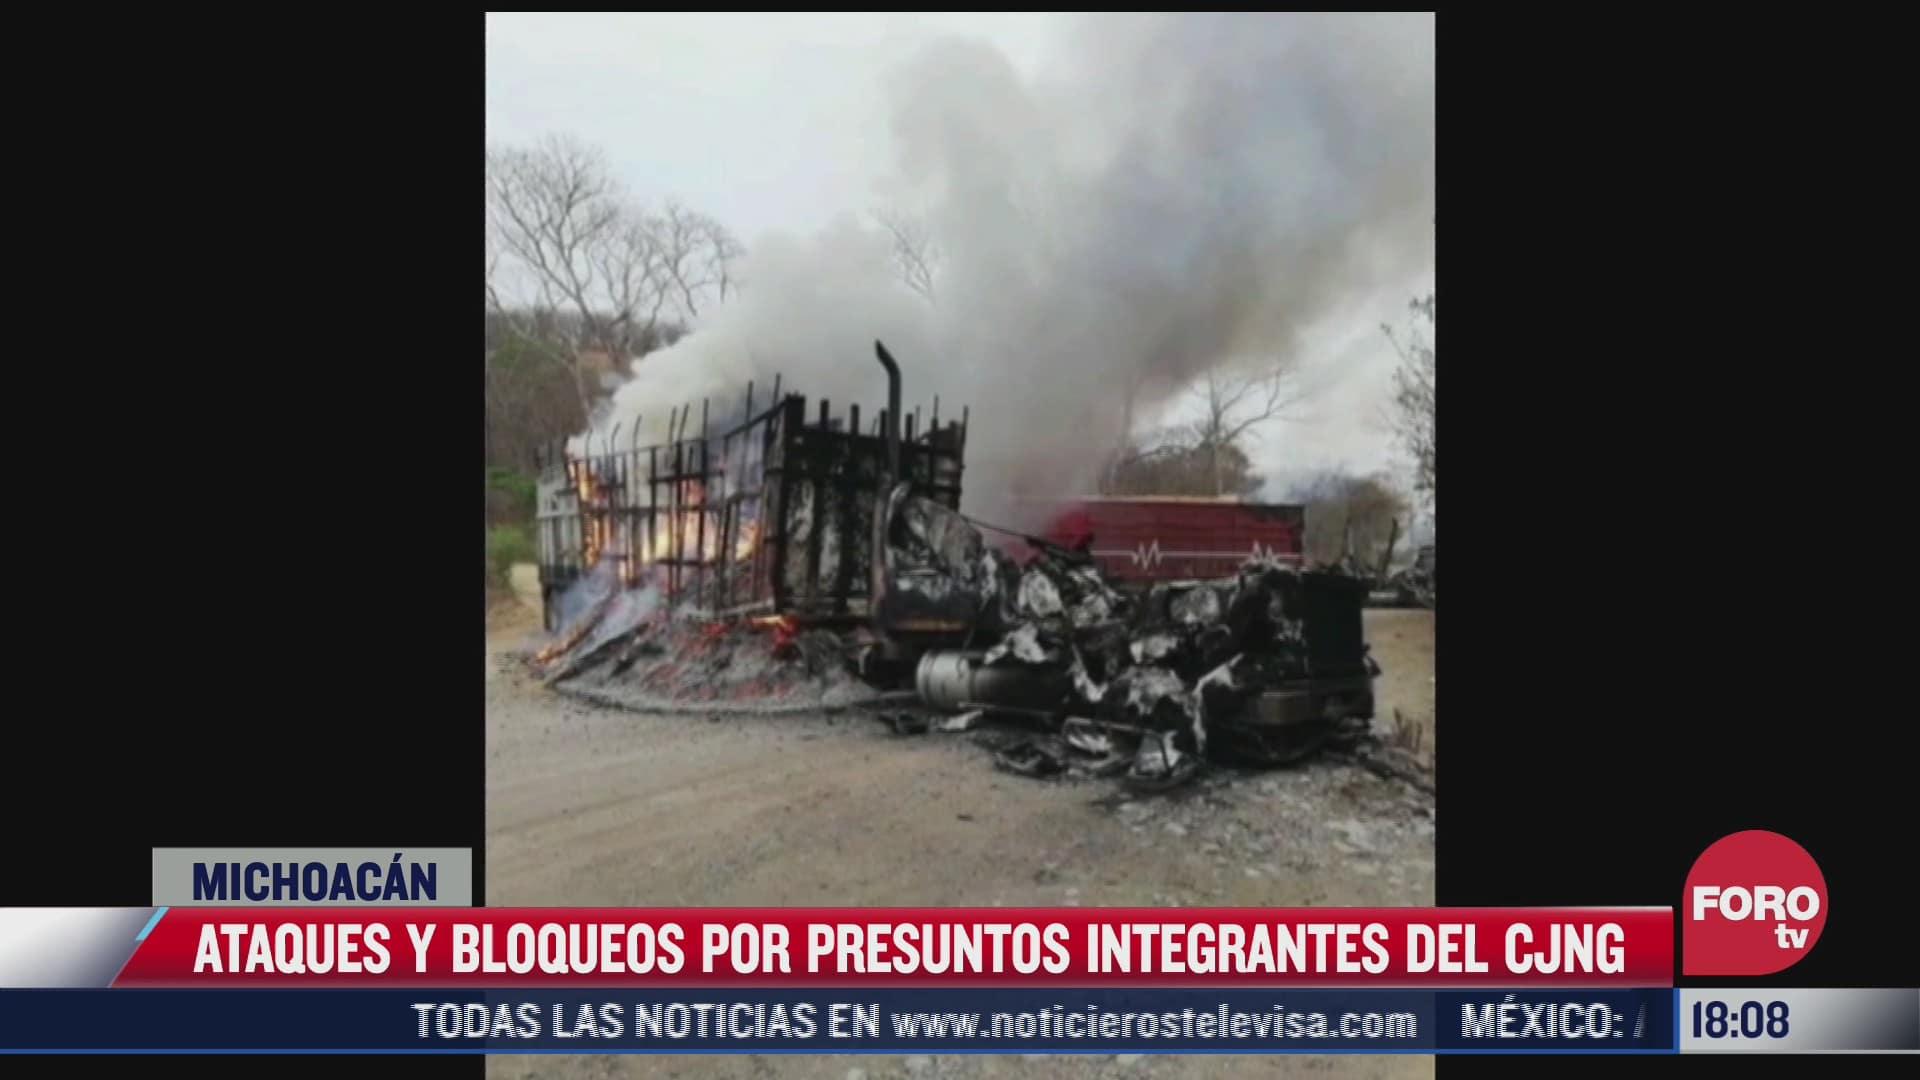 presuntos integrantes del cjng atacan comunidad en michoacan